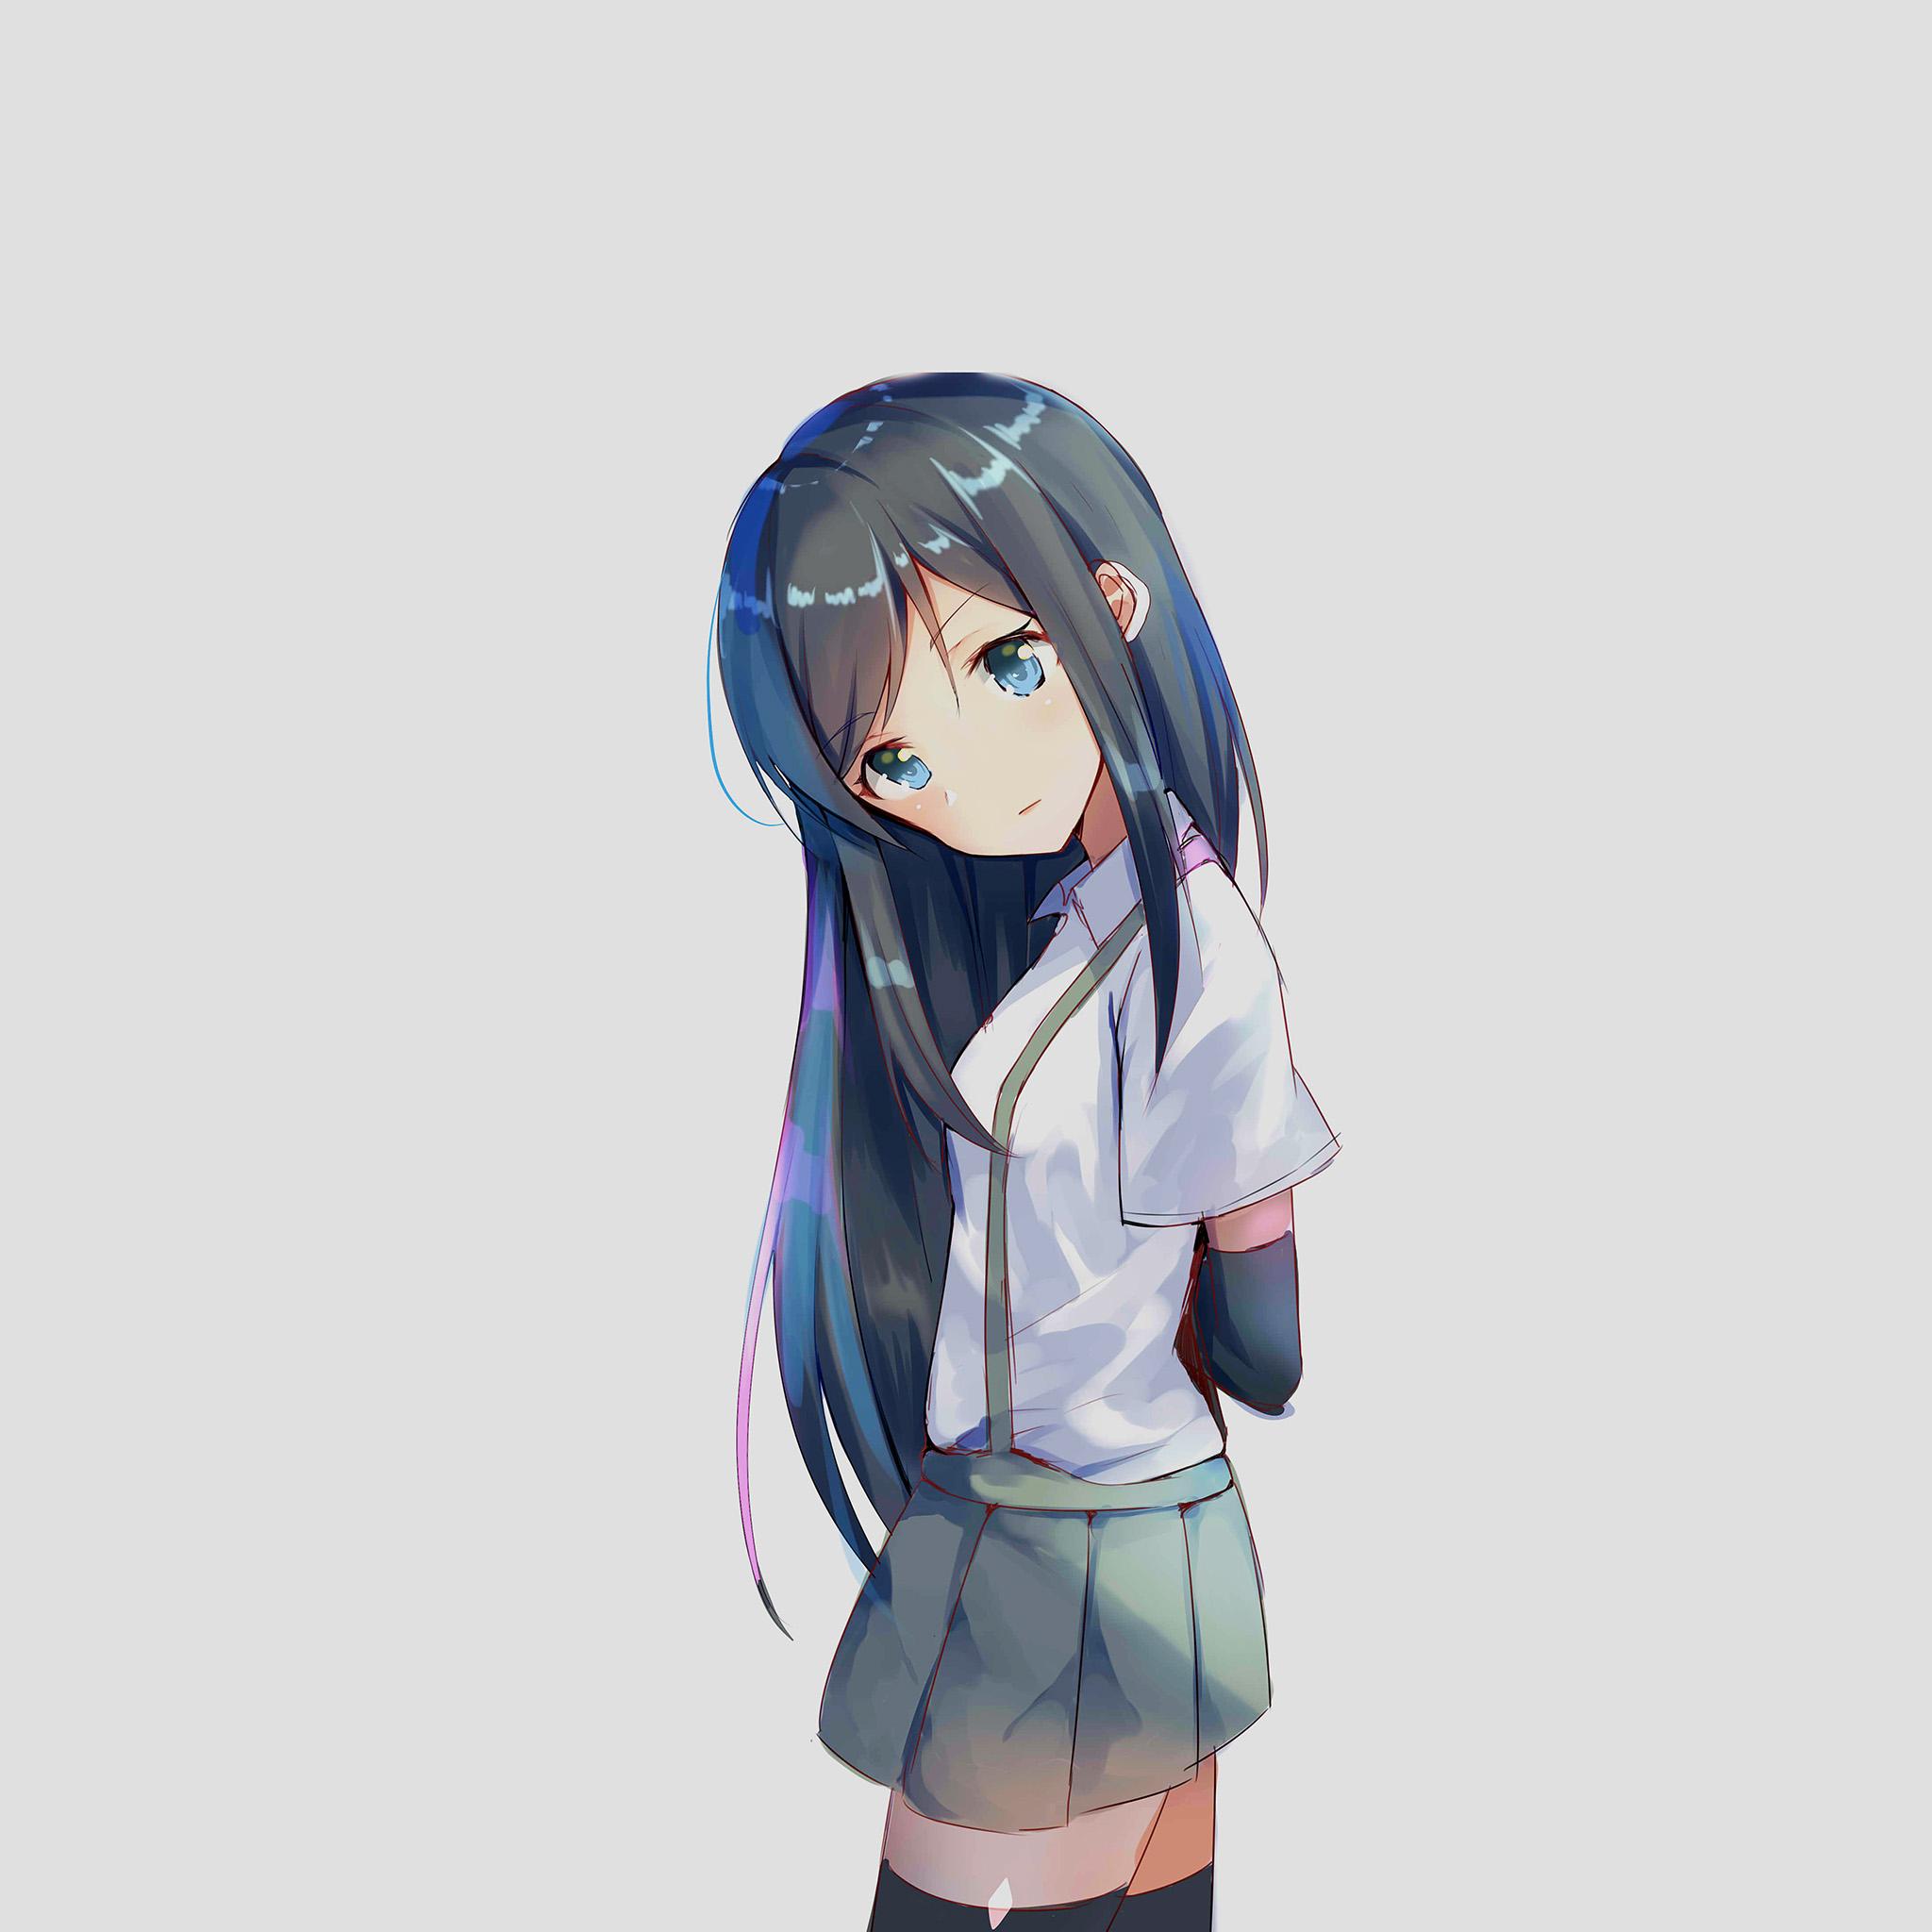 Av17 Anime Asashiho Kantai Girl Illustration Art Wallpaper